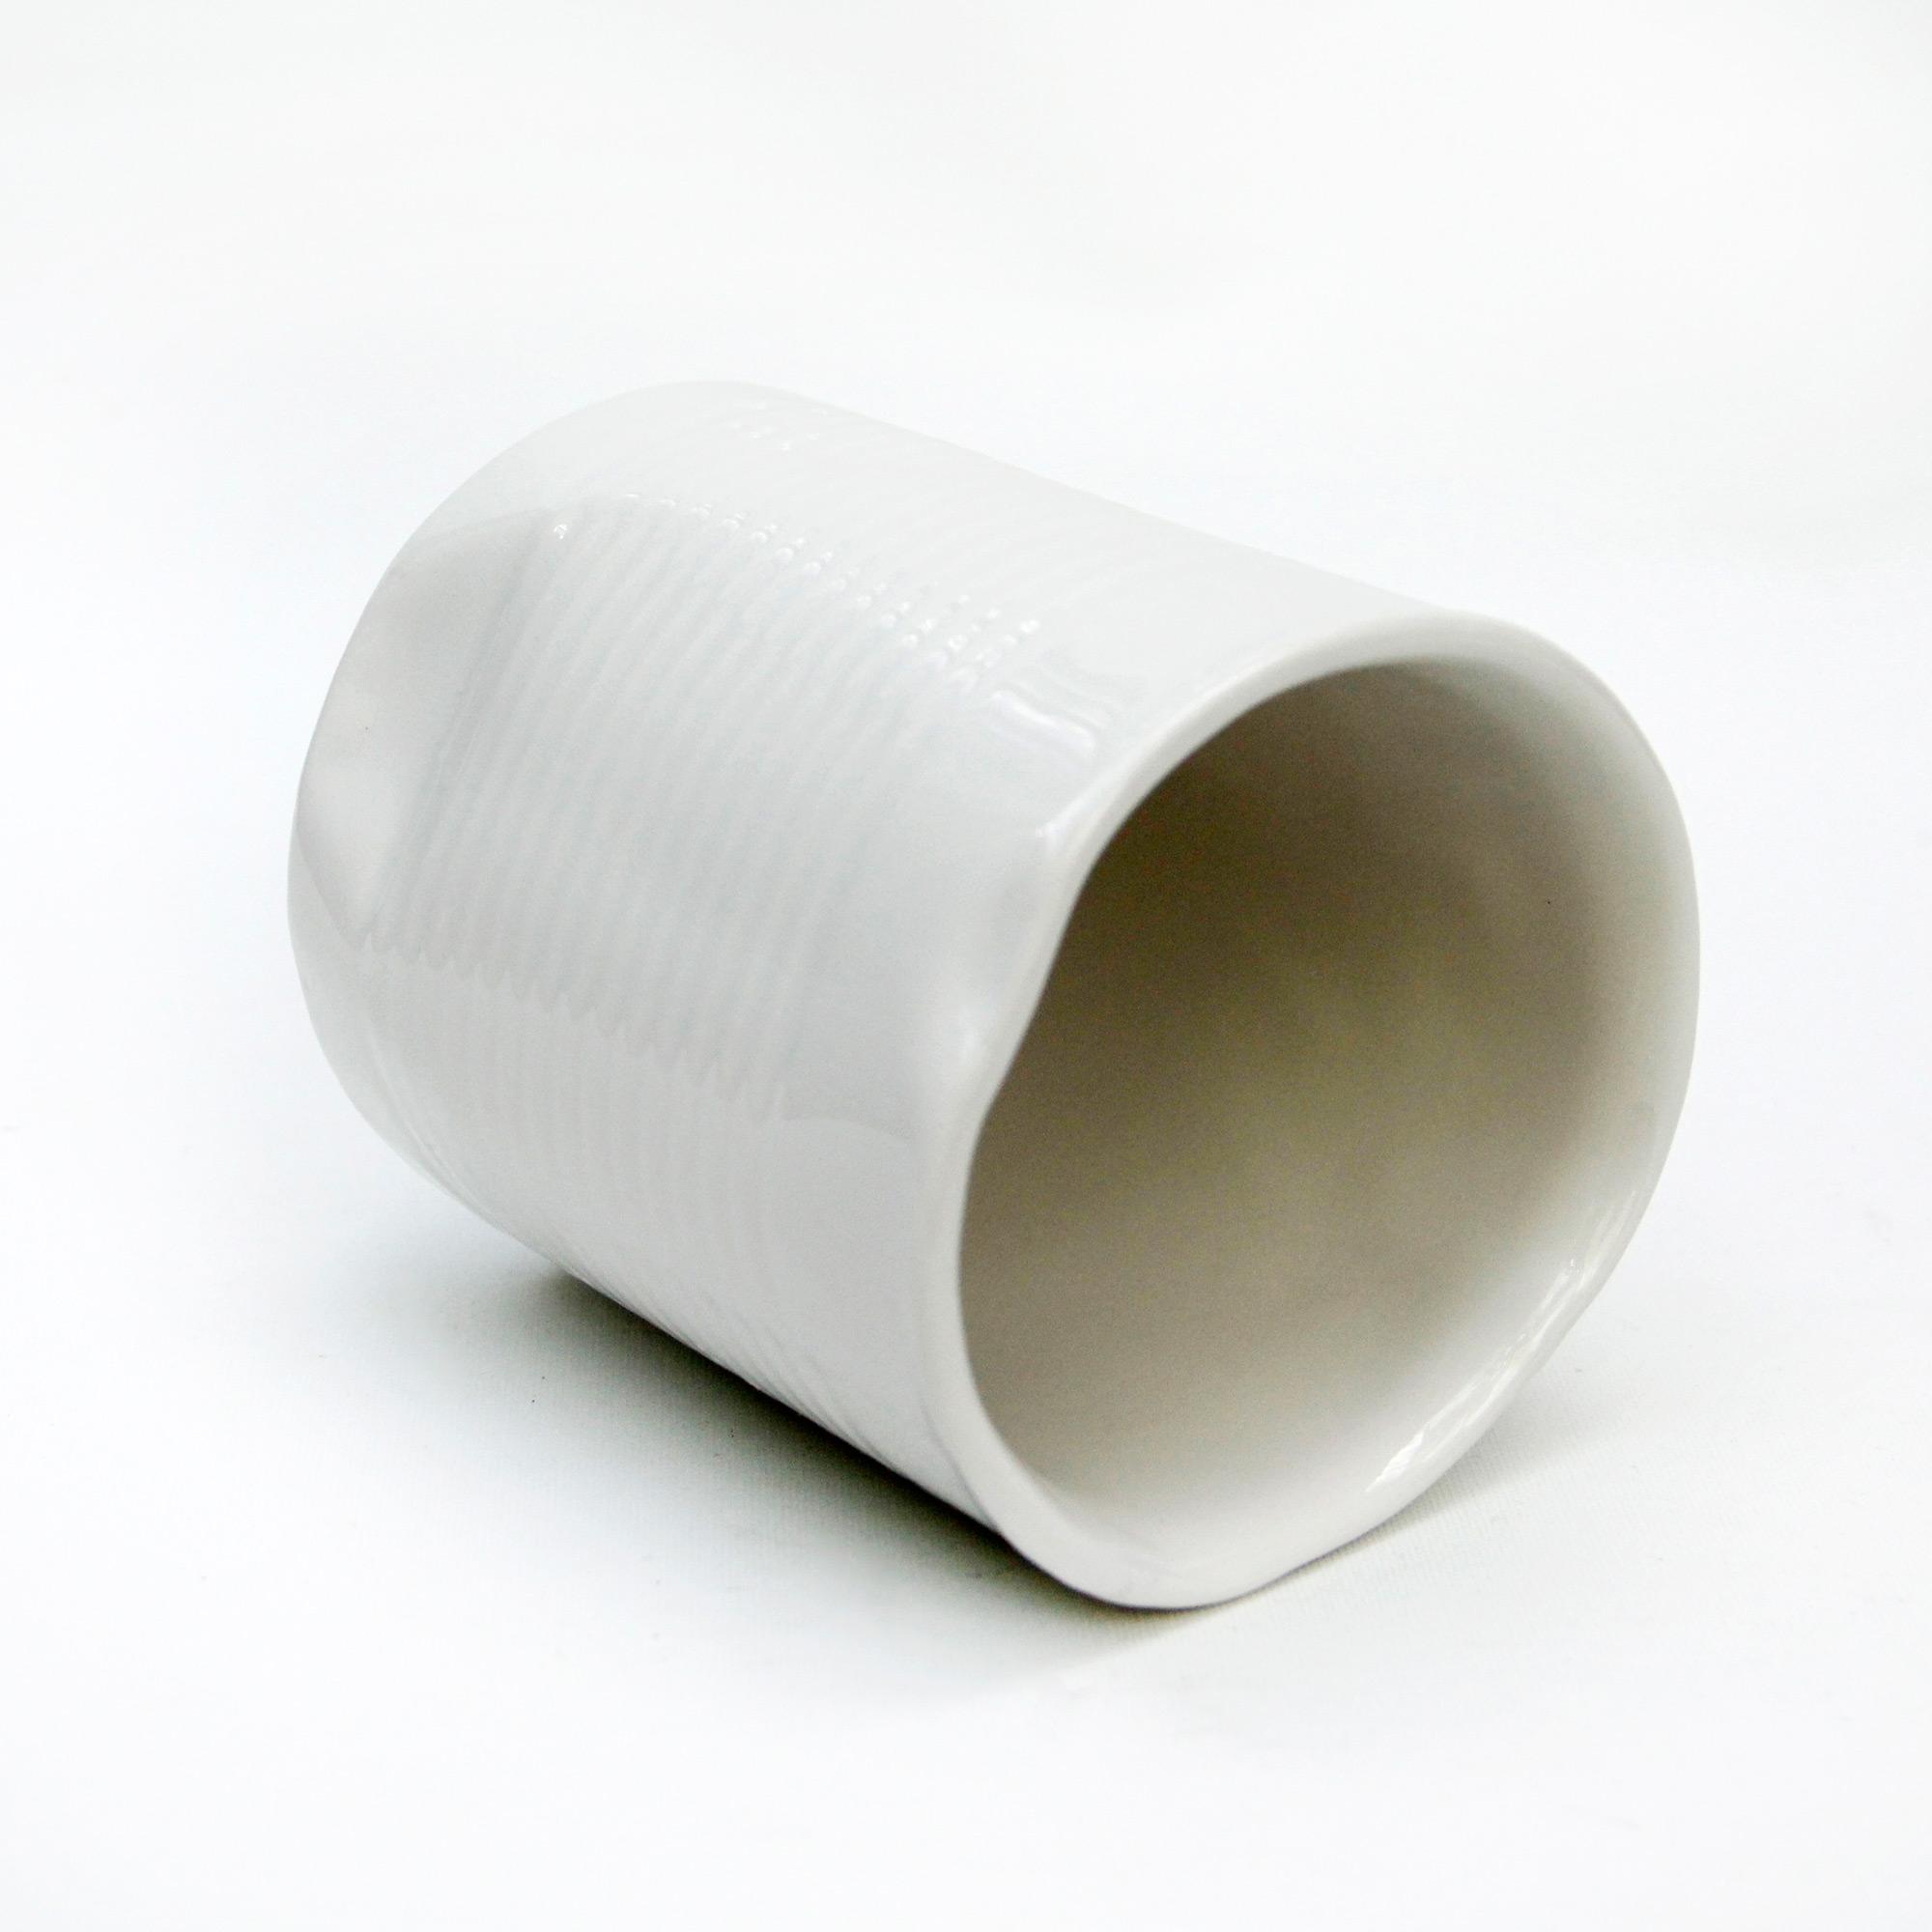 lata vaso ceramico diseño hecha a mano diseño blanco